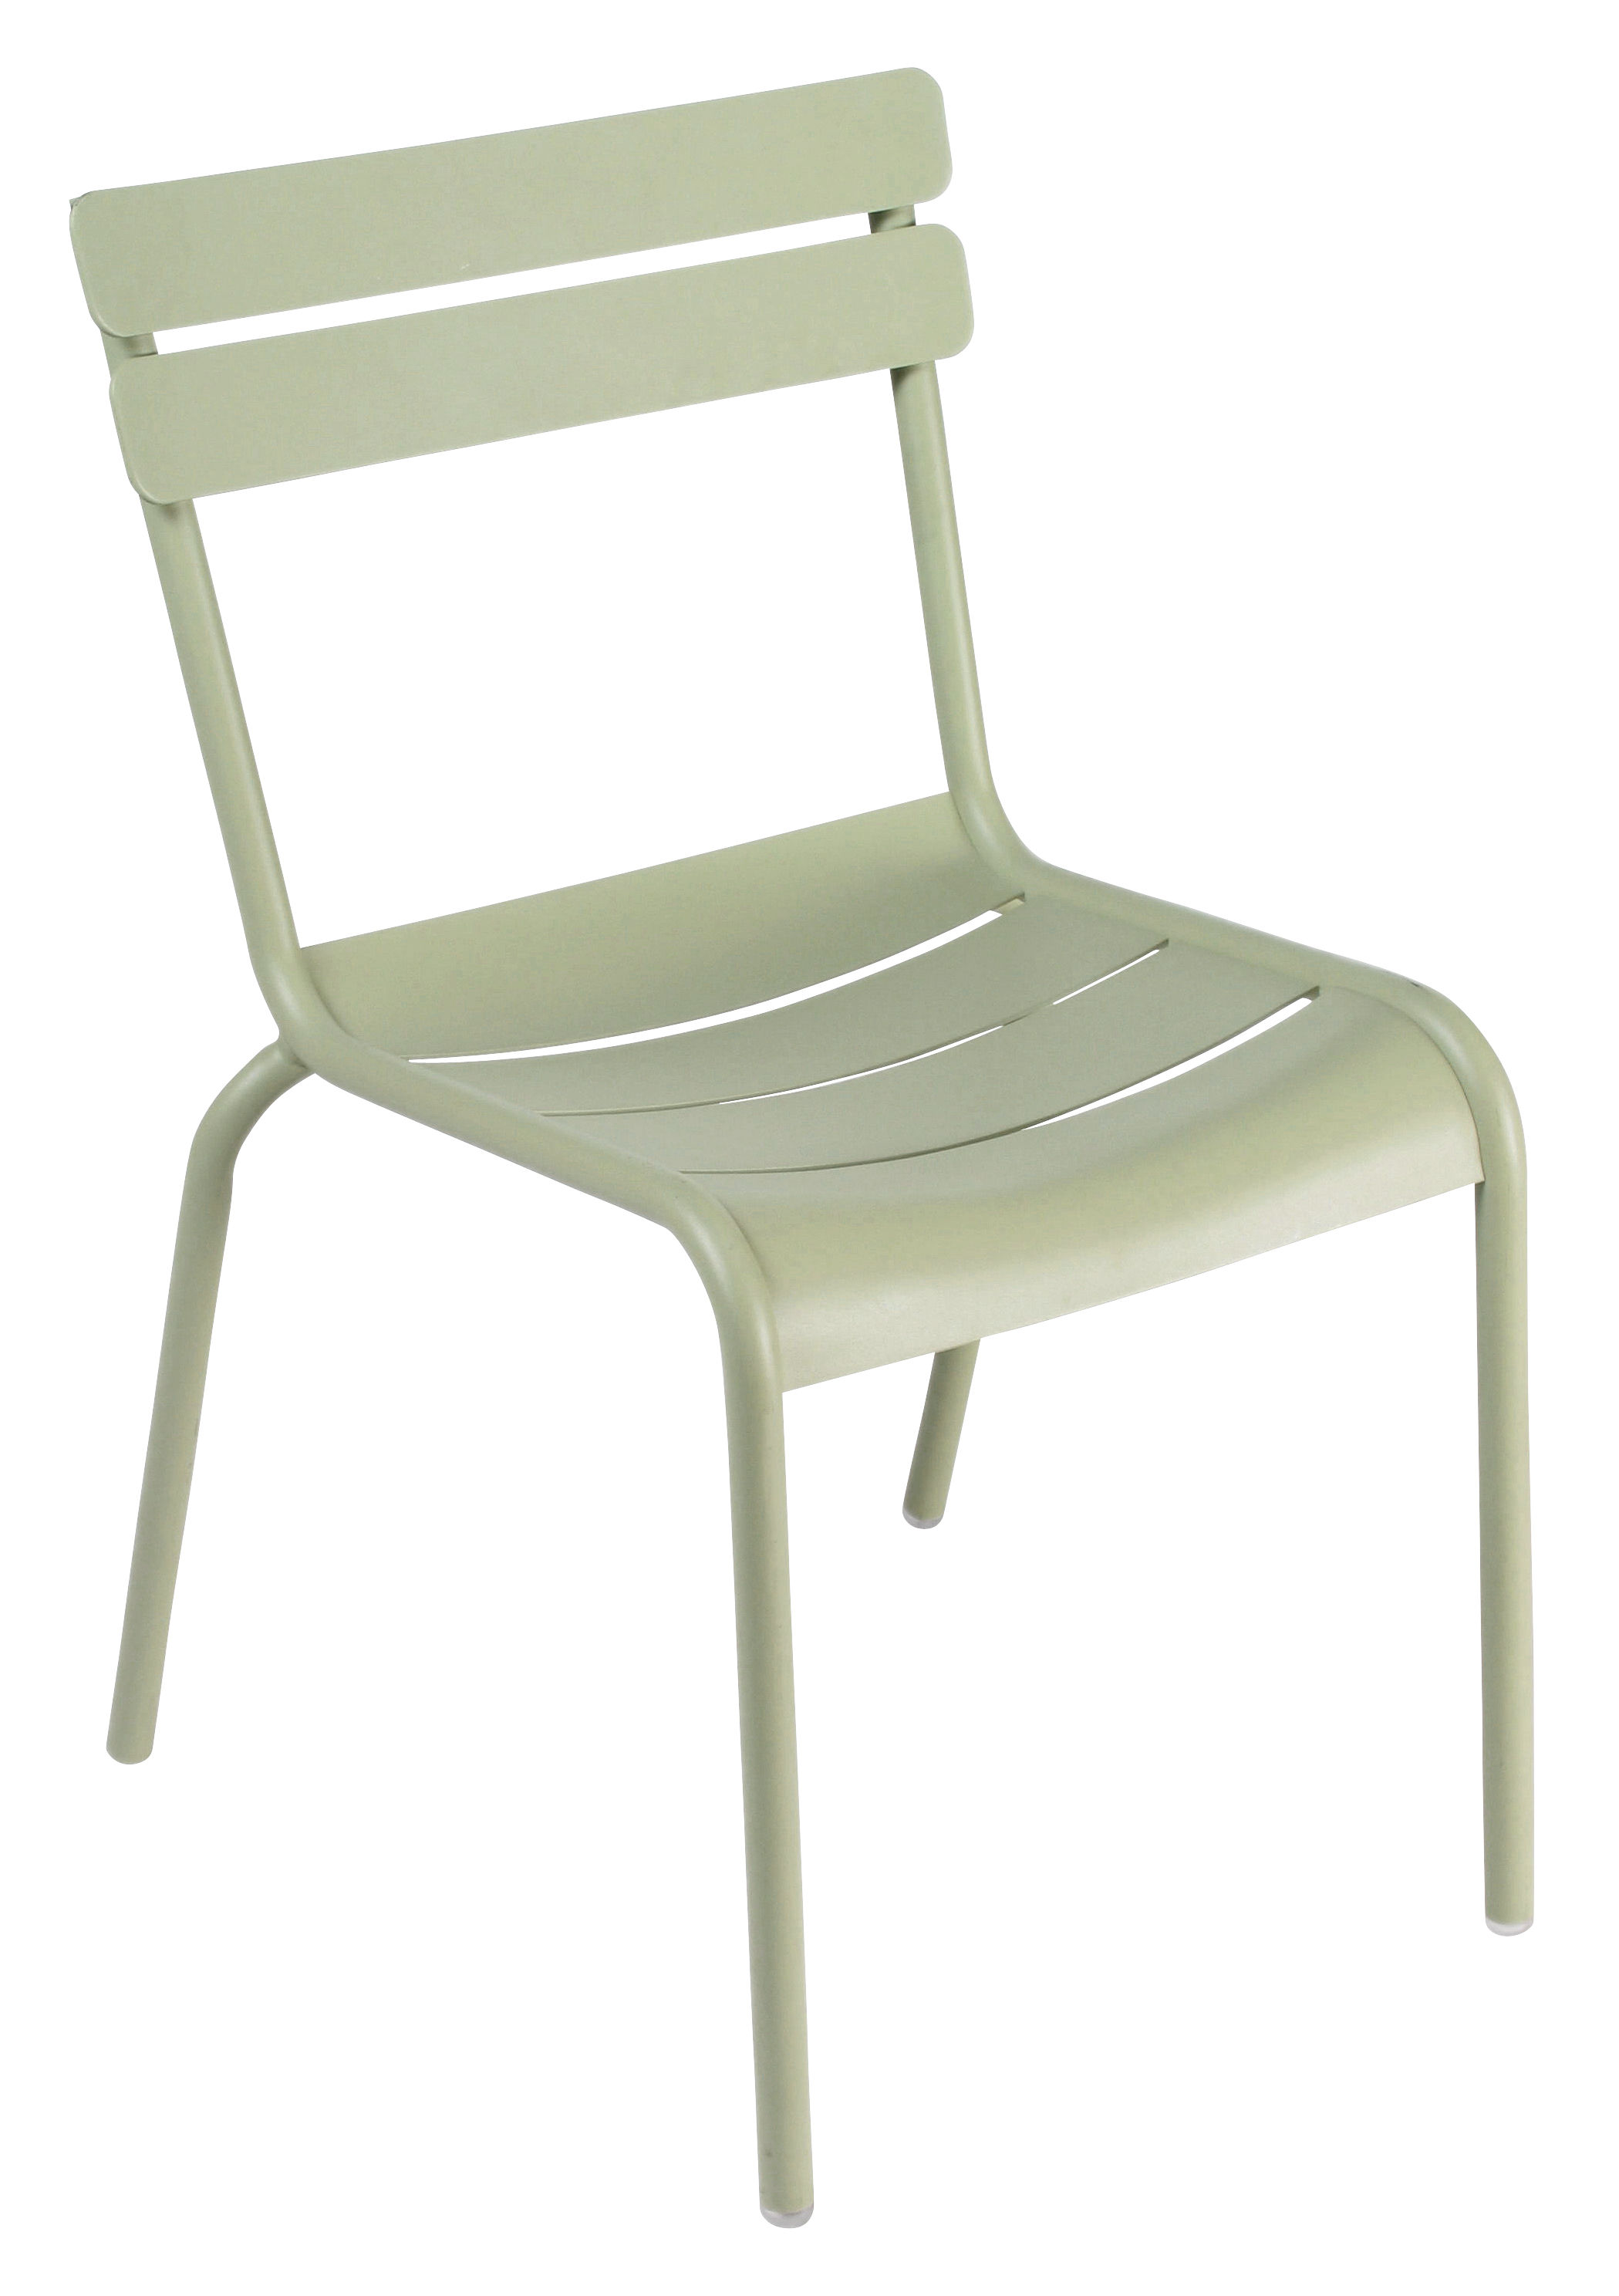 Life Style - Sedia impilabile Luxembourg di Fermob - Tiglio - Alluminio laccato